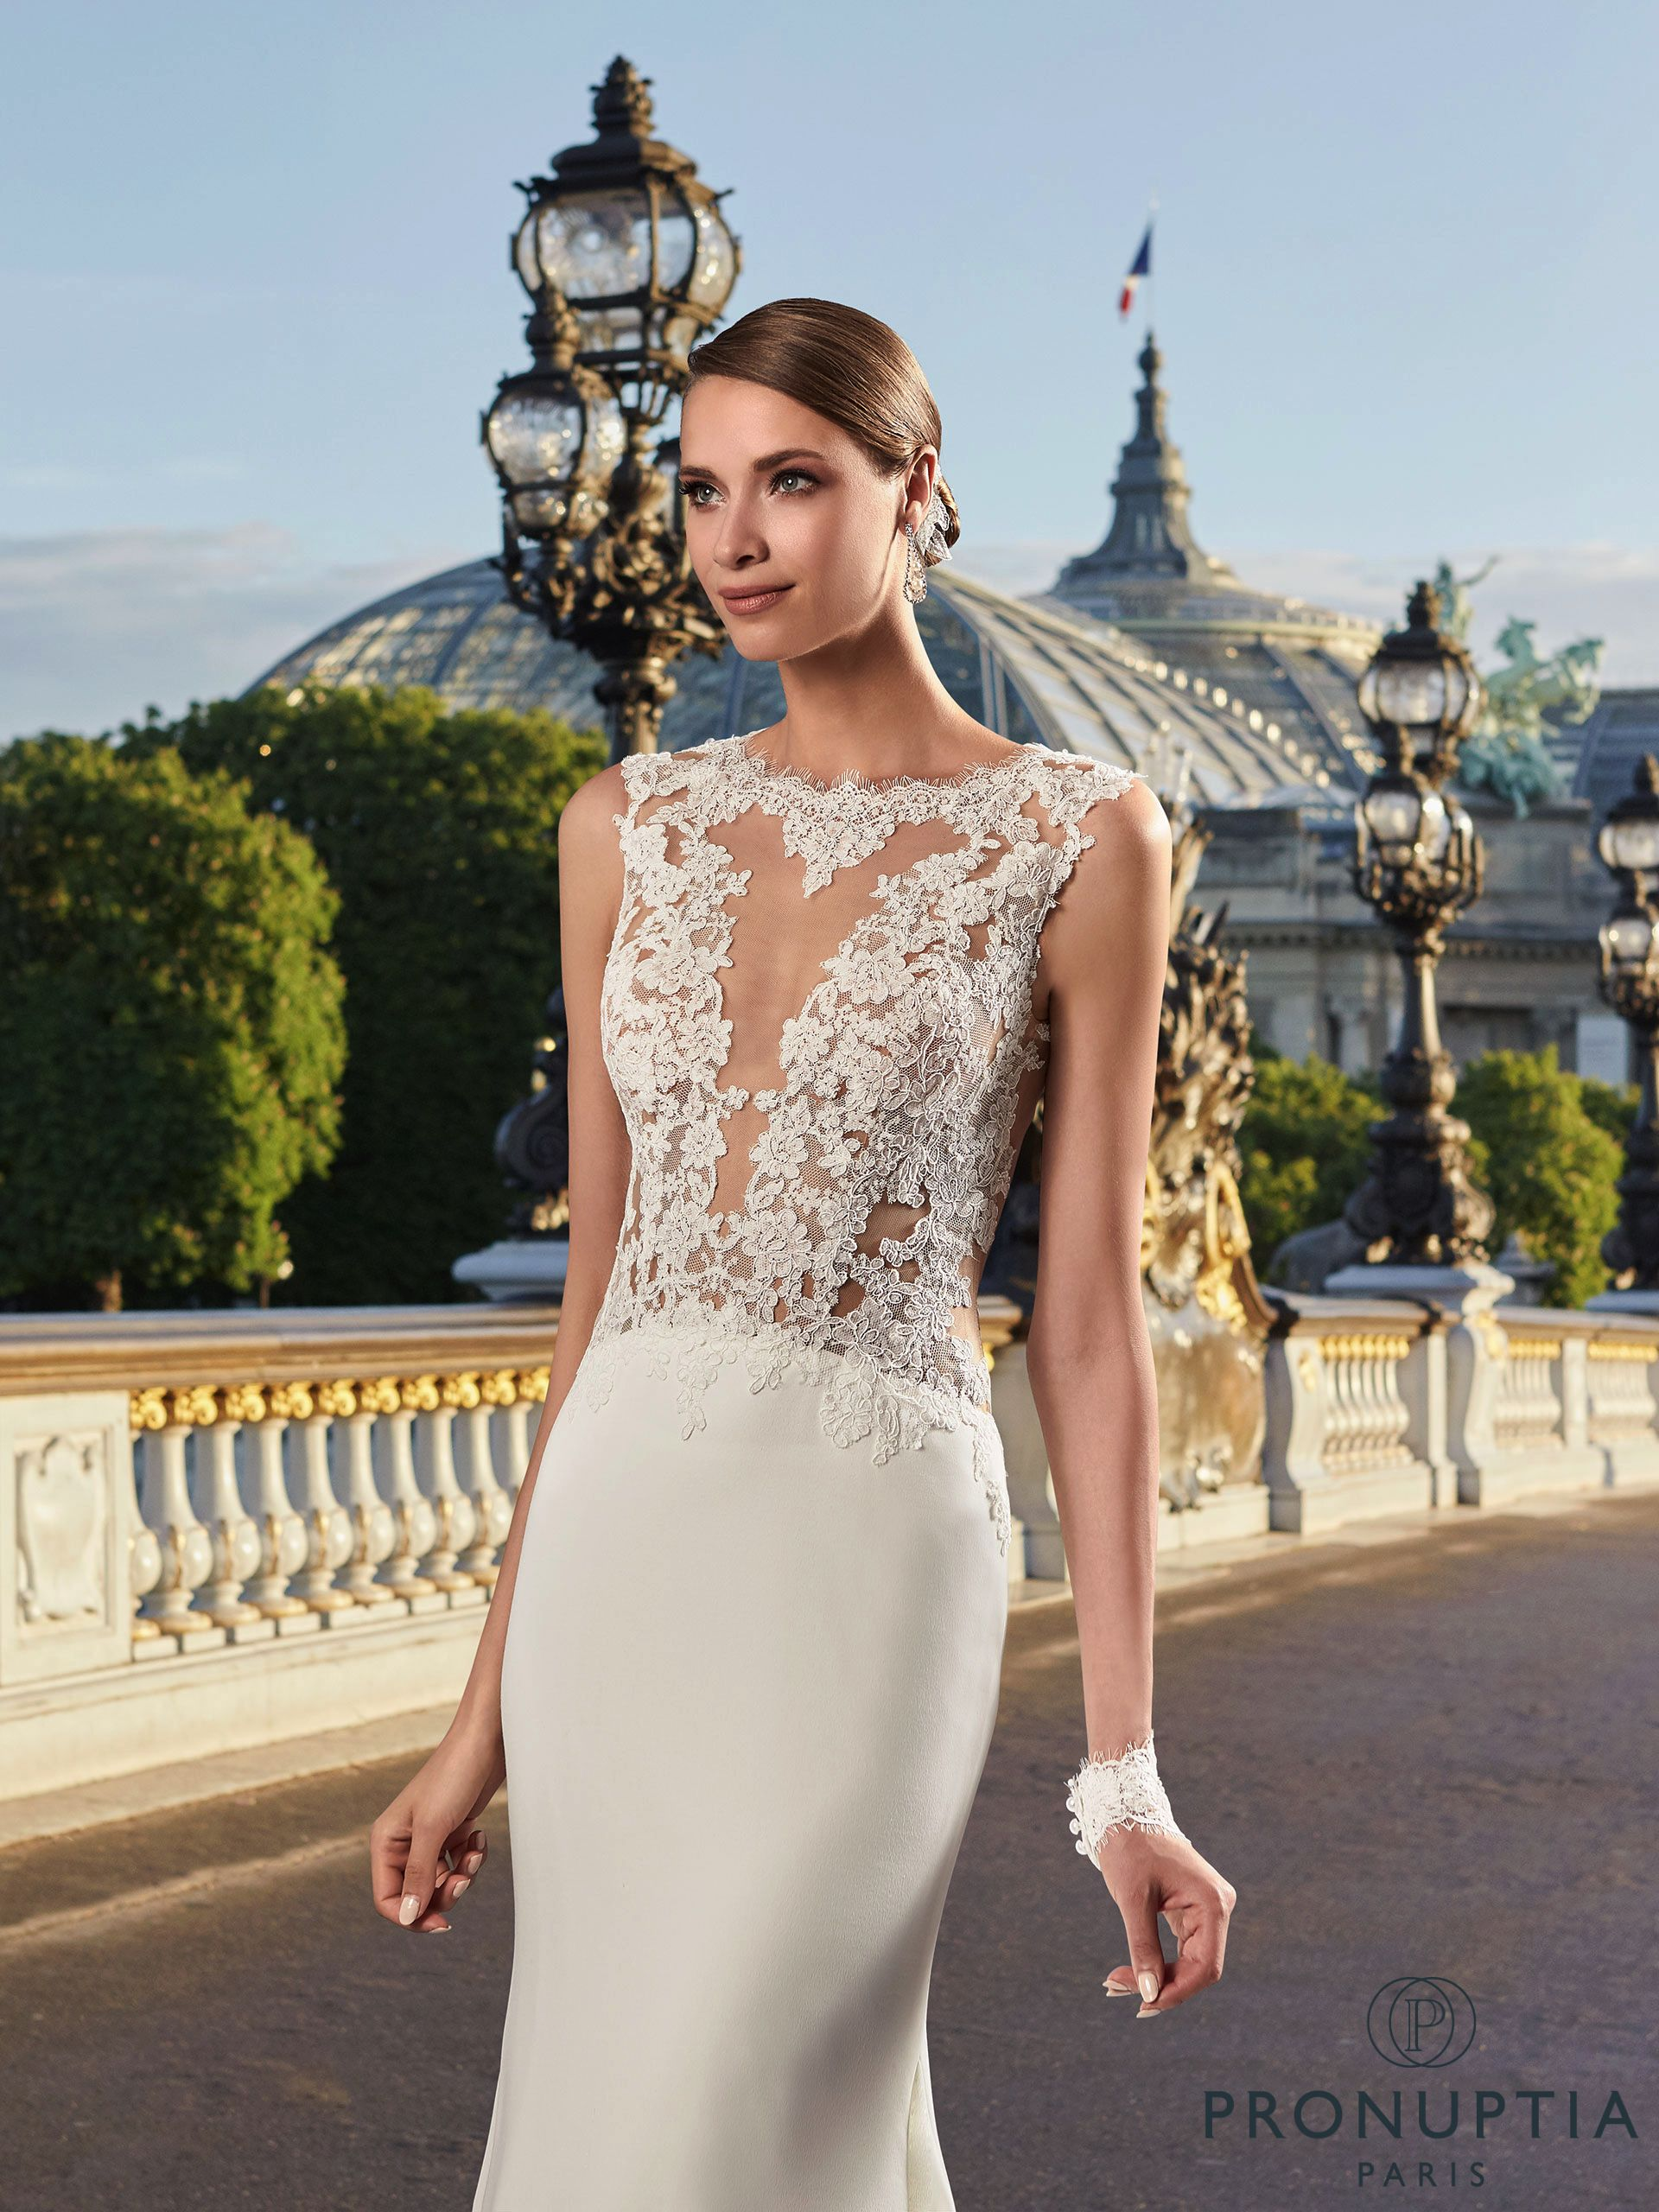 Charmant Brautjunferkleider Uk Nur Bilder - Hochzeit Kleid Stile ...